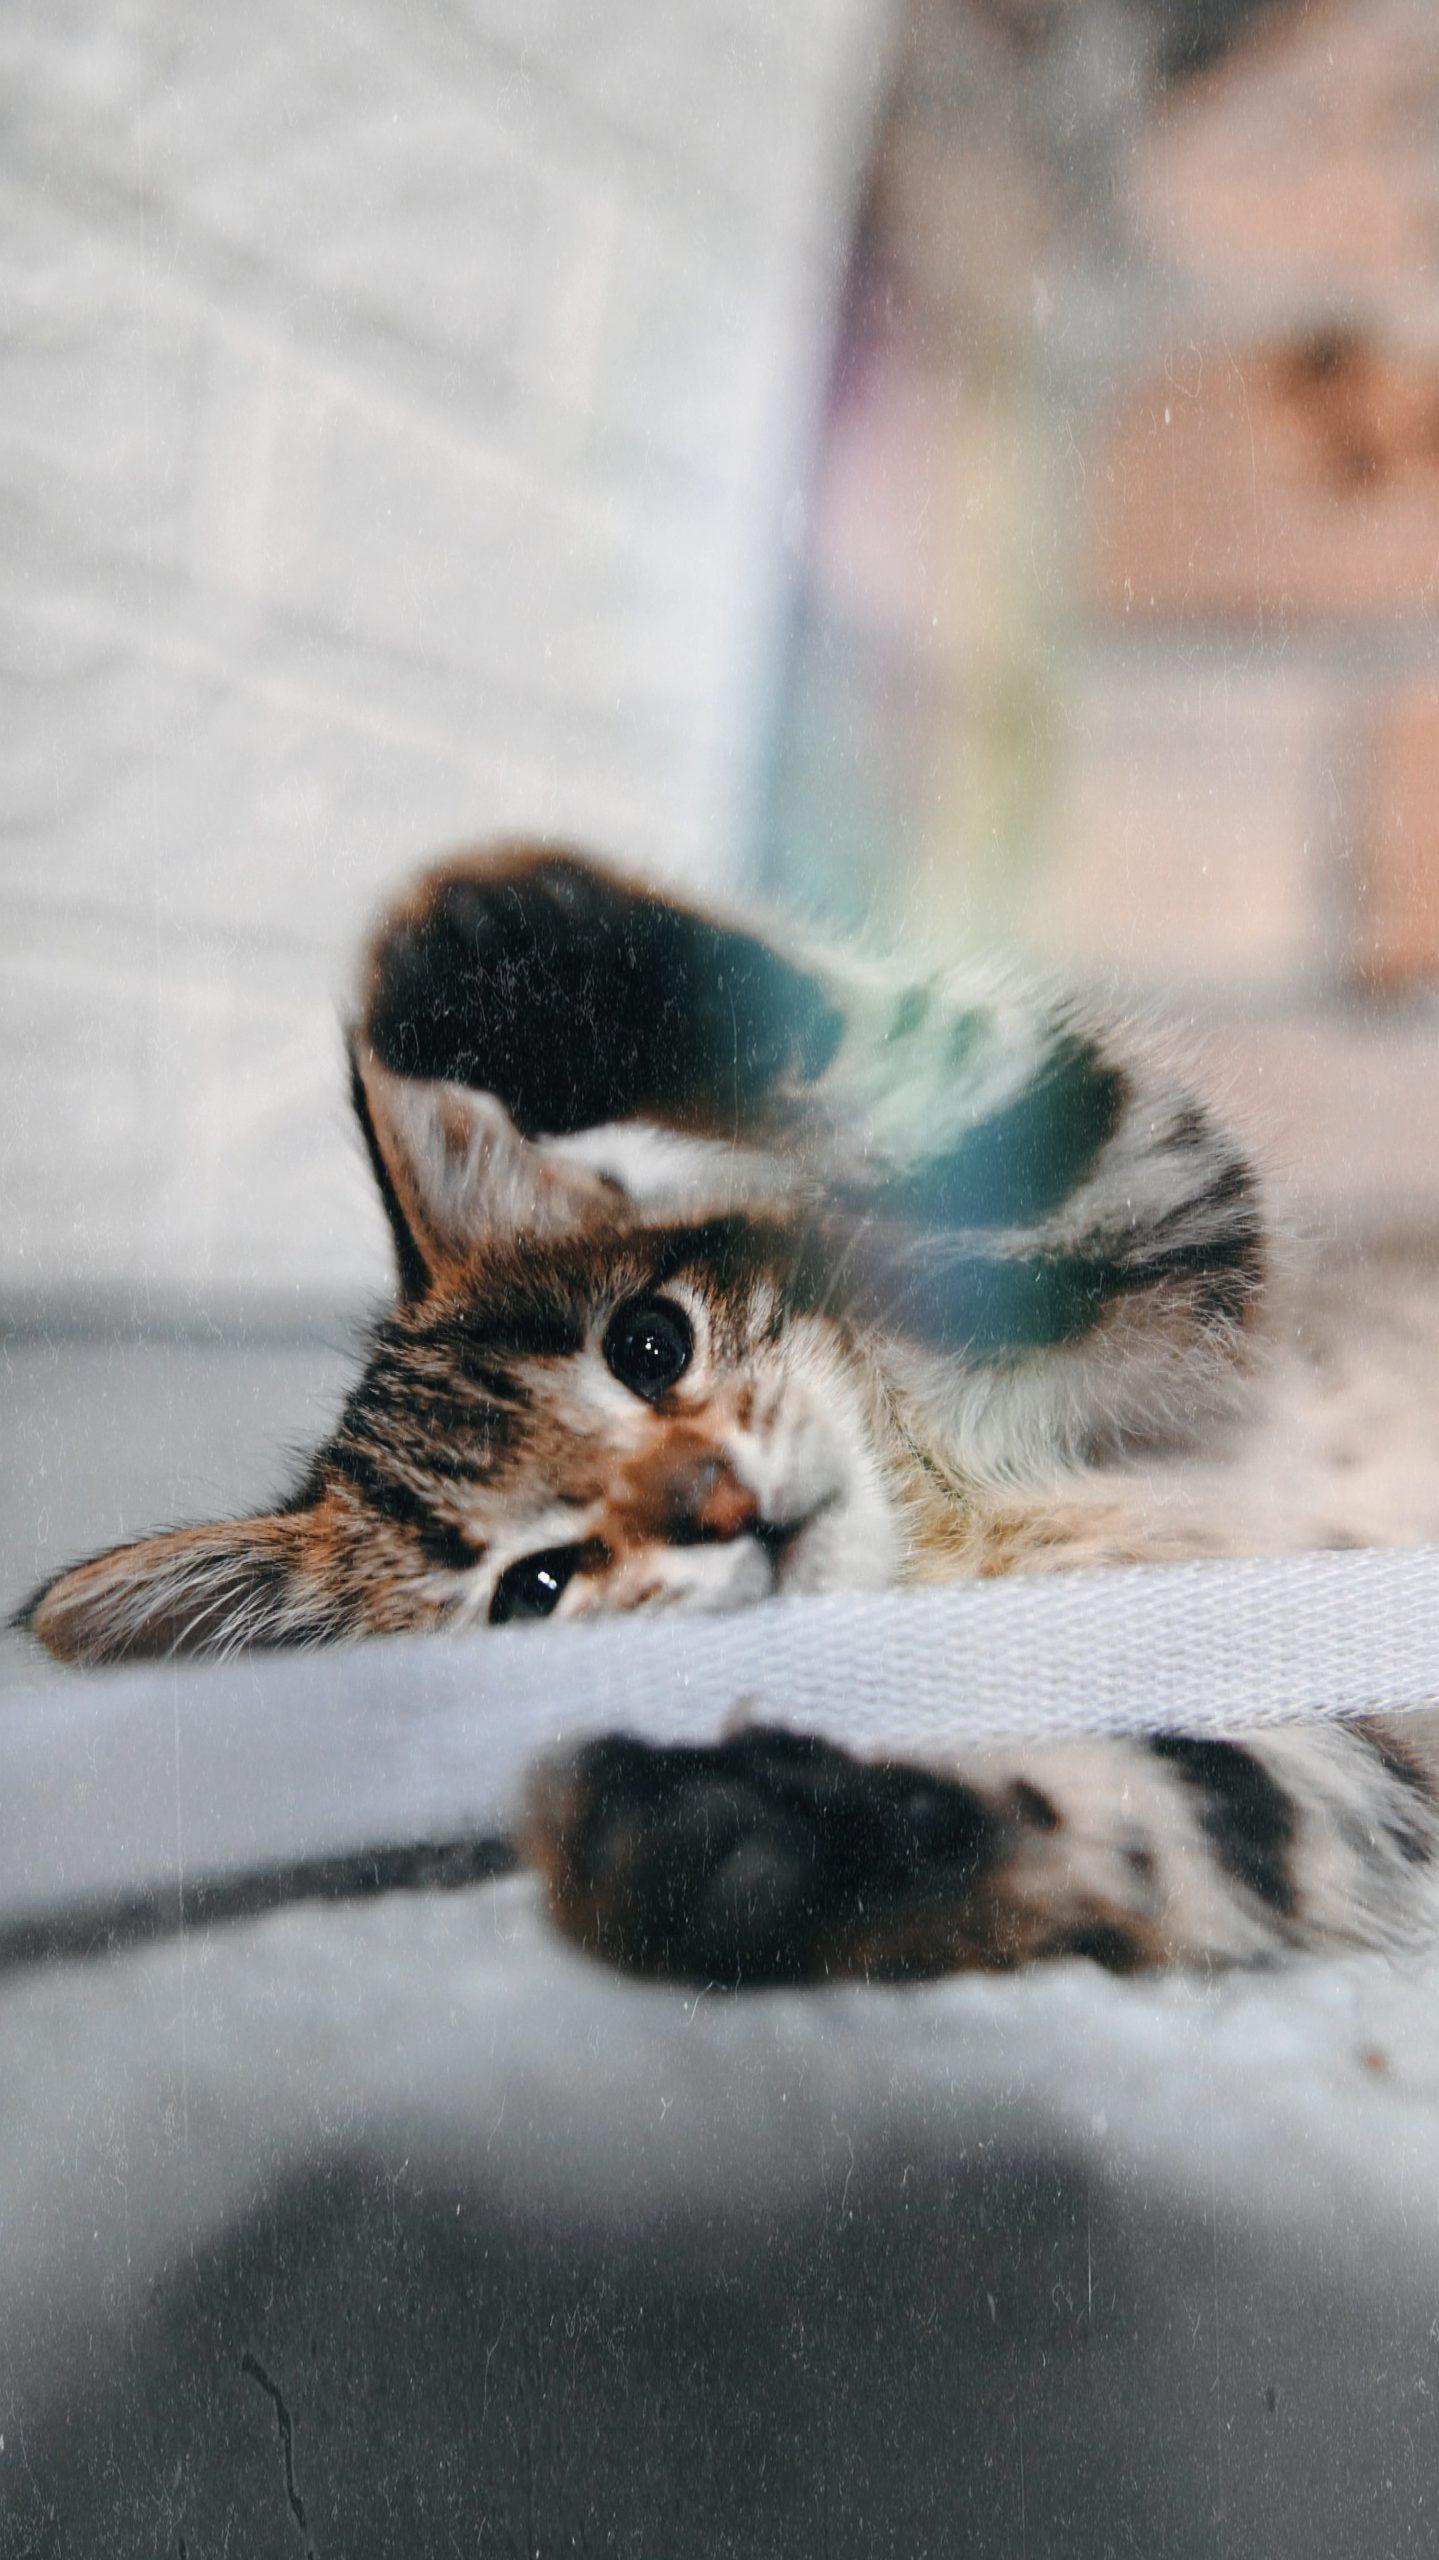 Mi Gato Muerde Todo Lo Que Está A Su Alcance